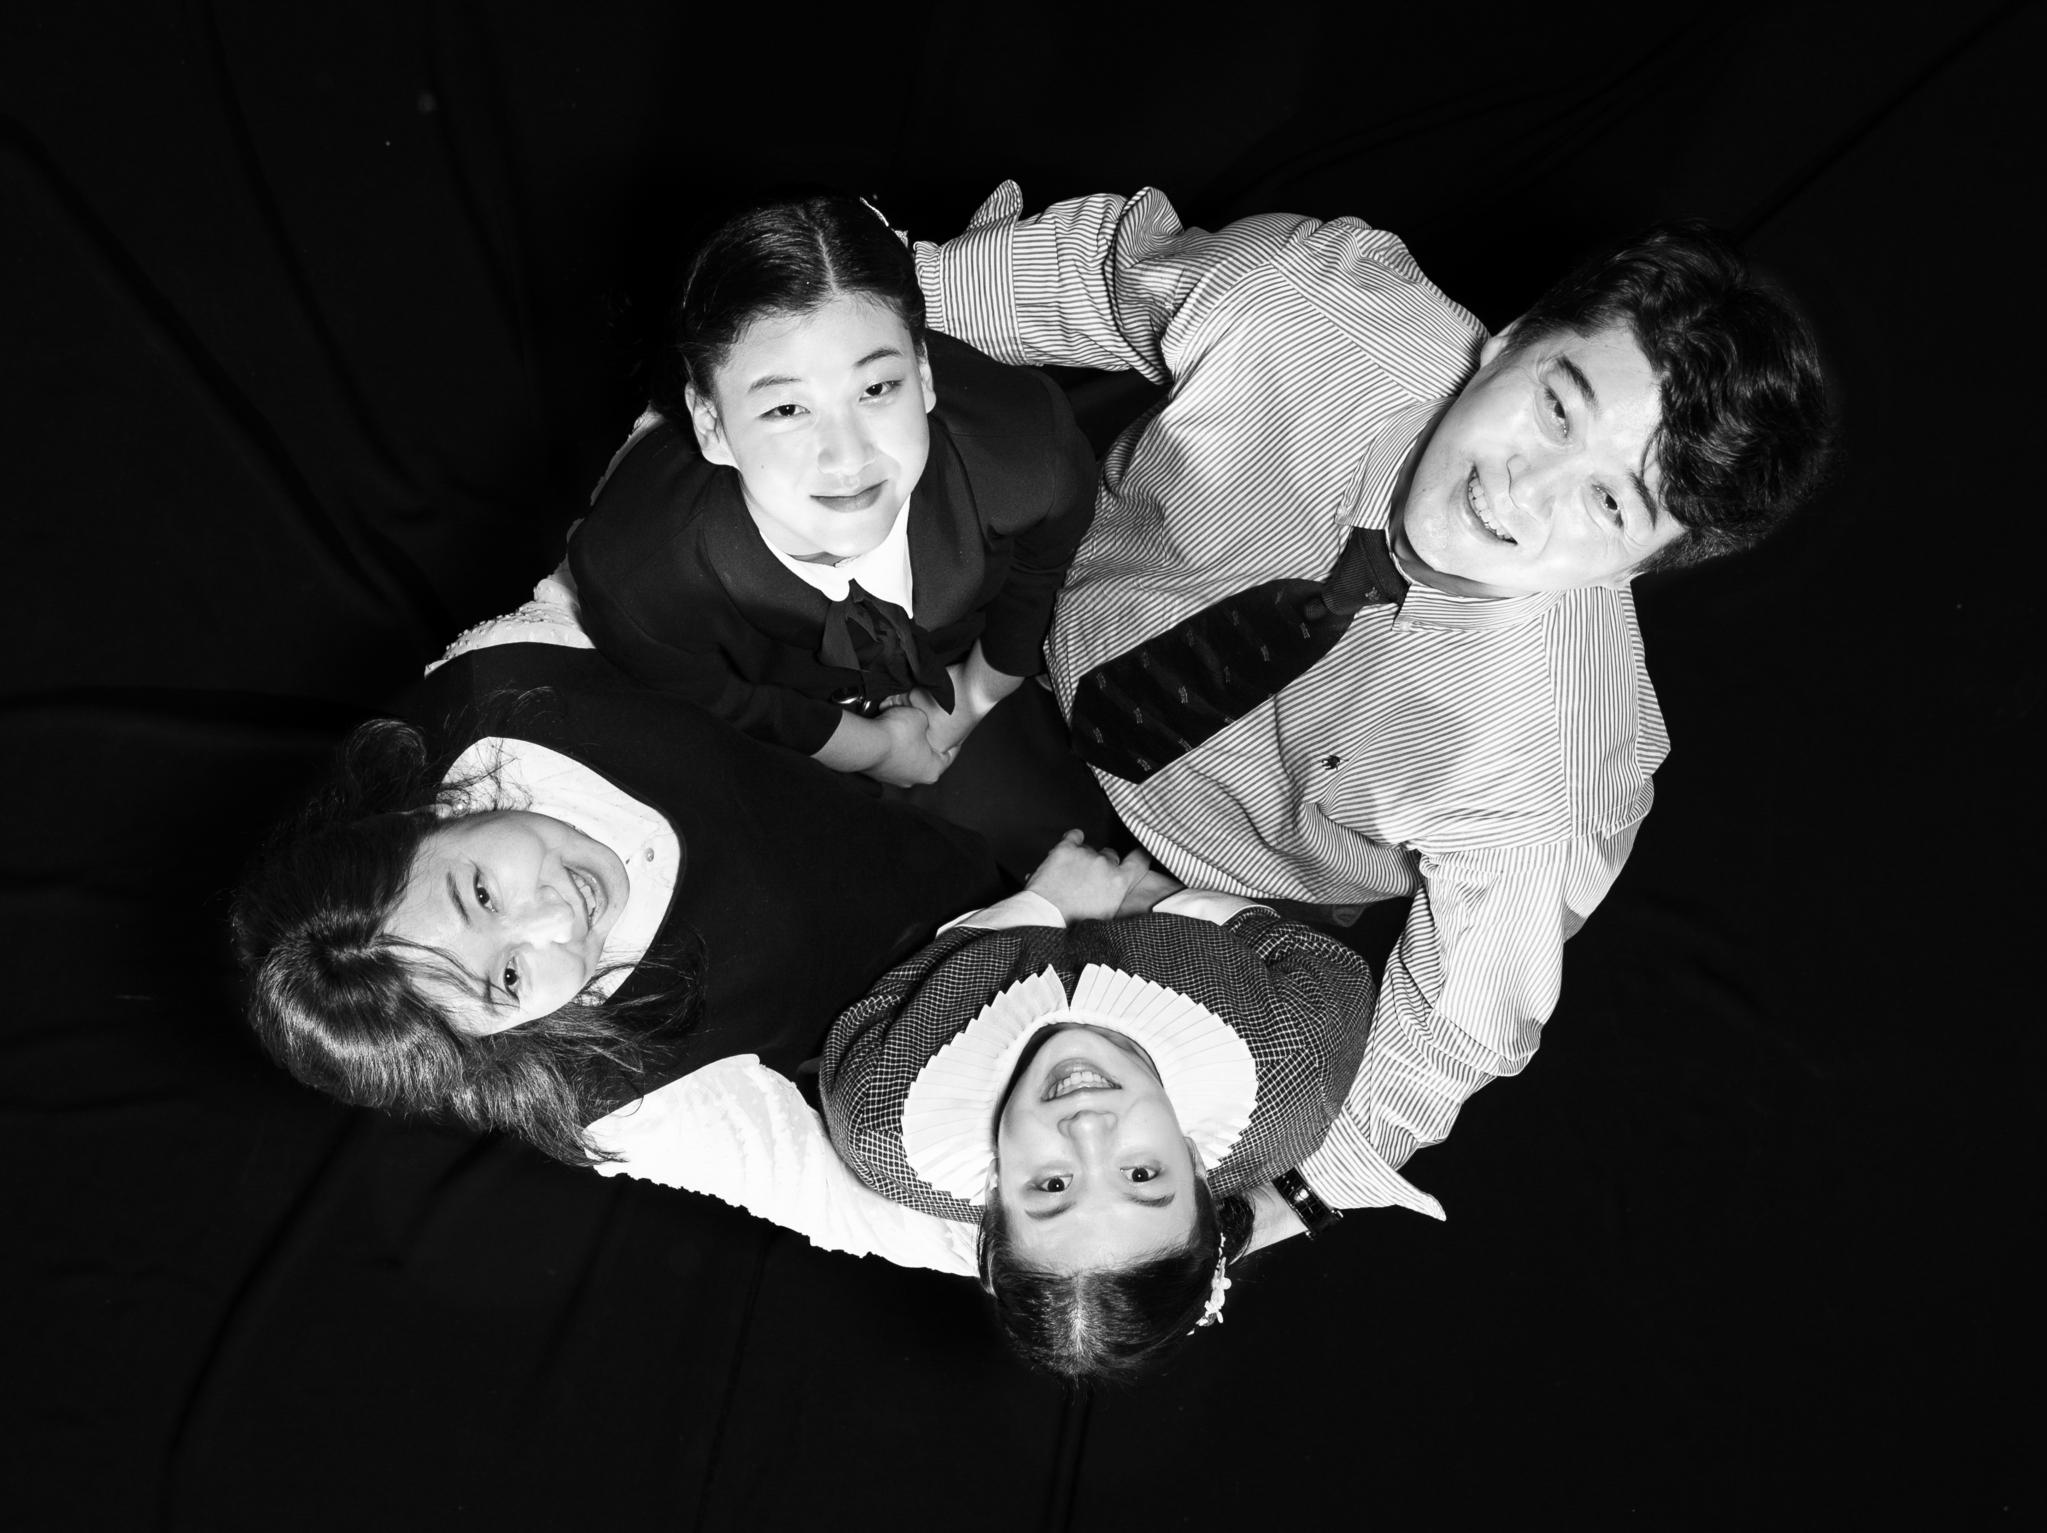 한데 어우러진 가족, '어울더울' 그렇게 '가족 꽃'이 폈습니다. 권혁재 사진전문기자